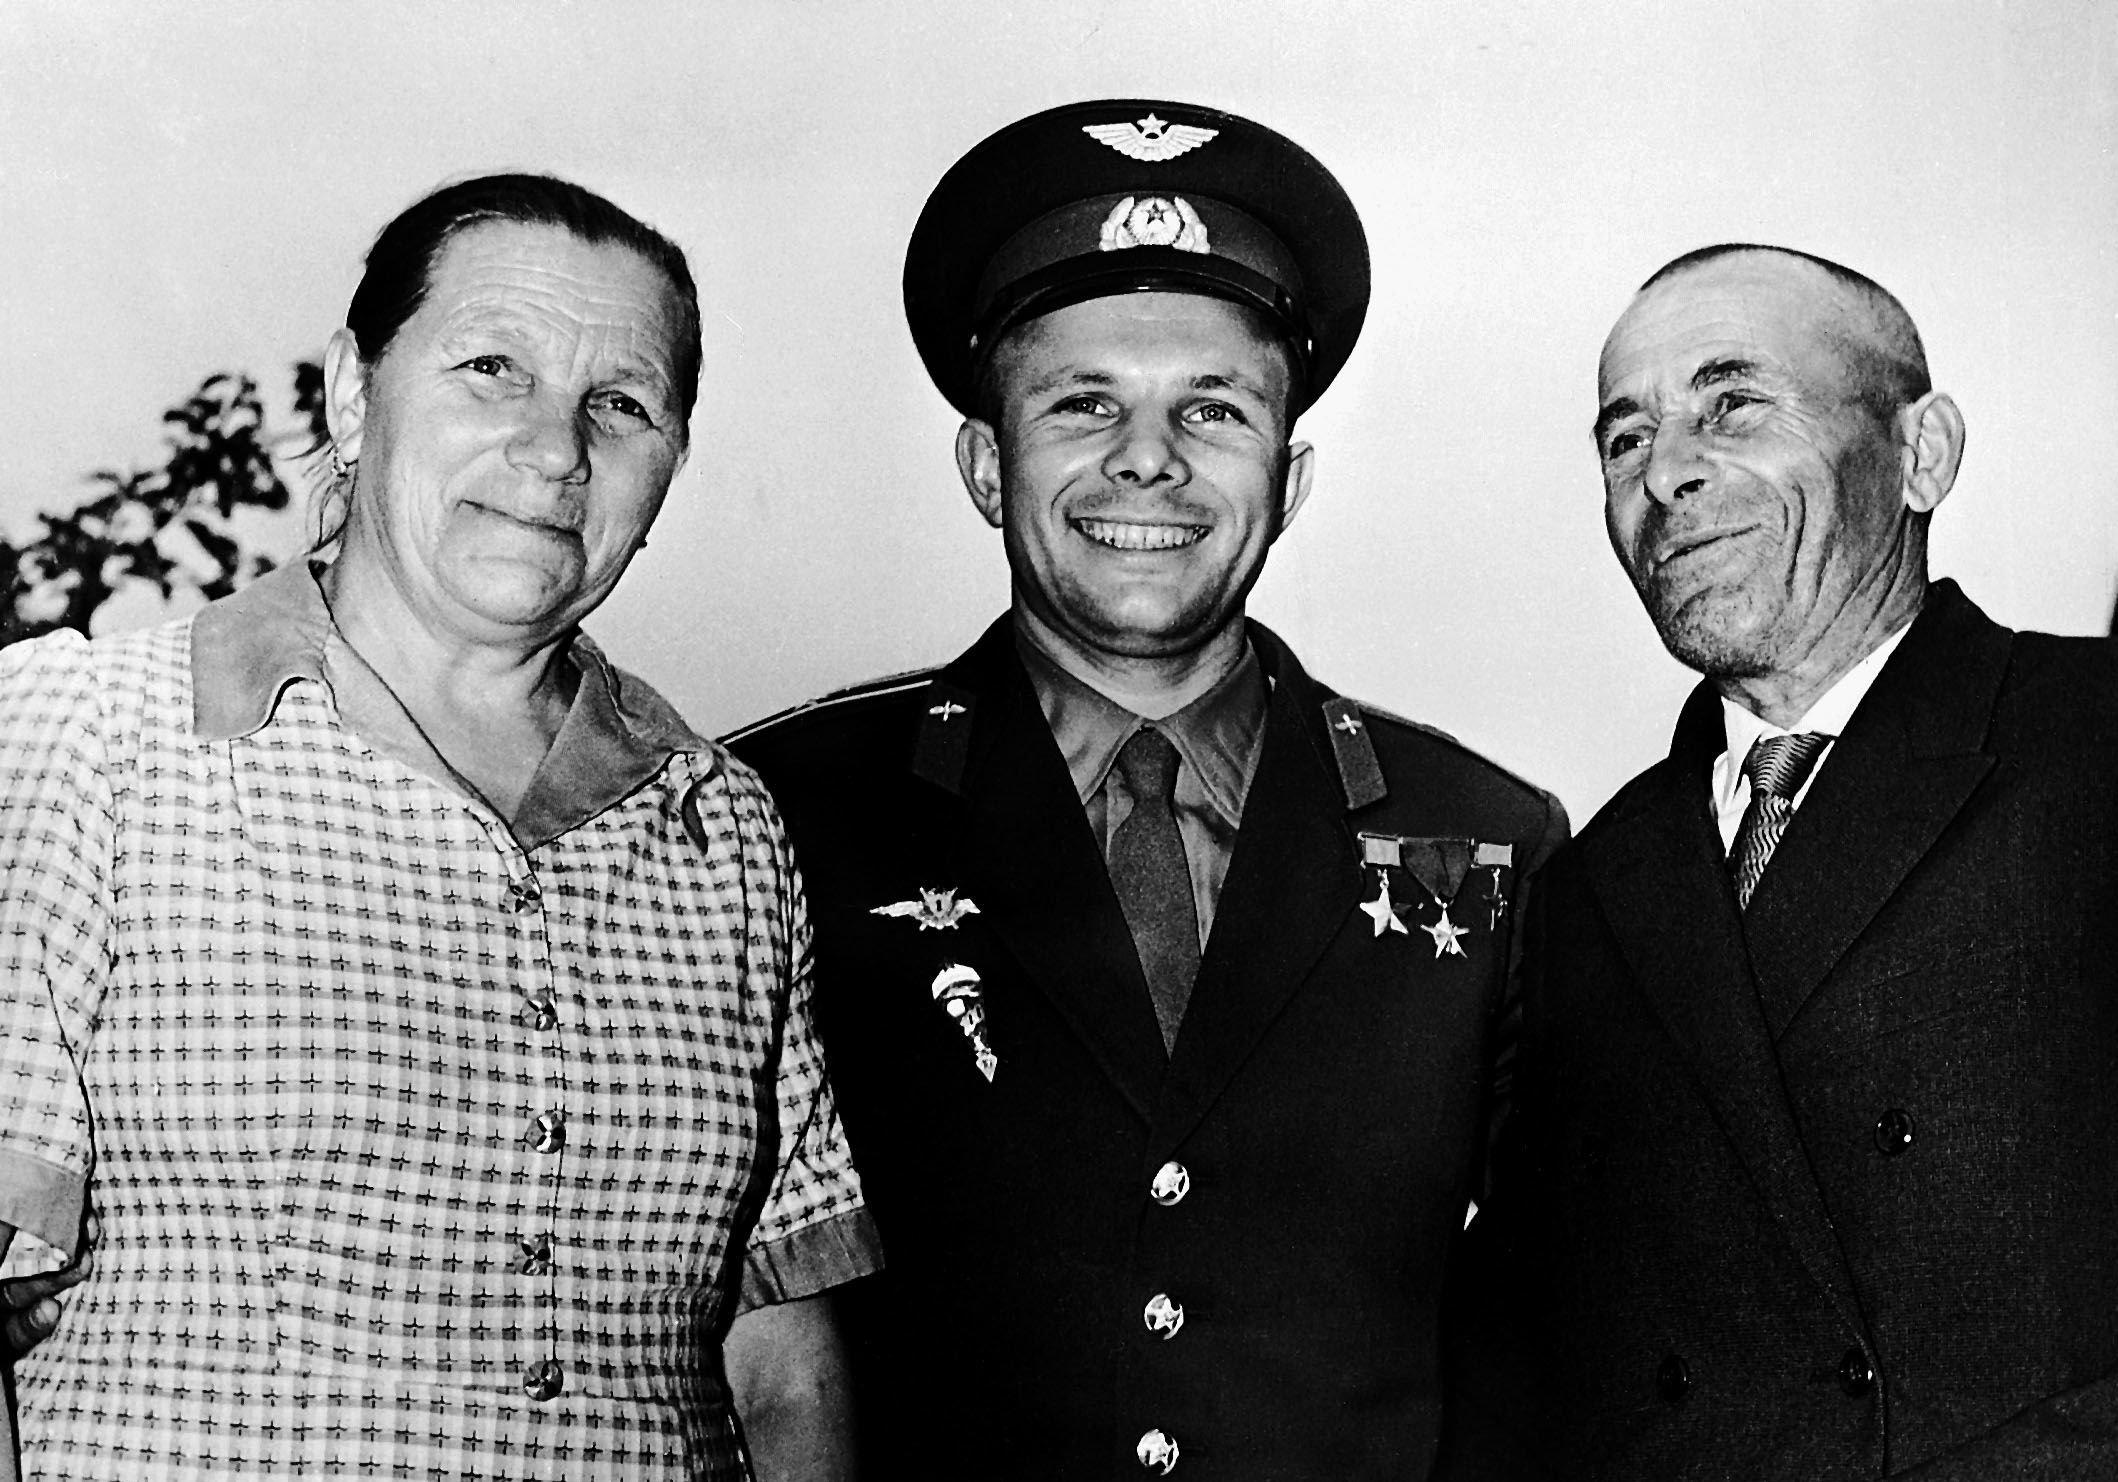 Lotnik Kosmonauta ZSRR, Bohater Związku Radzieckiego Jurij Gagarin z rodzicami - Anną Gagariną i Aleksiejem Gagarinem